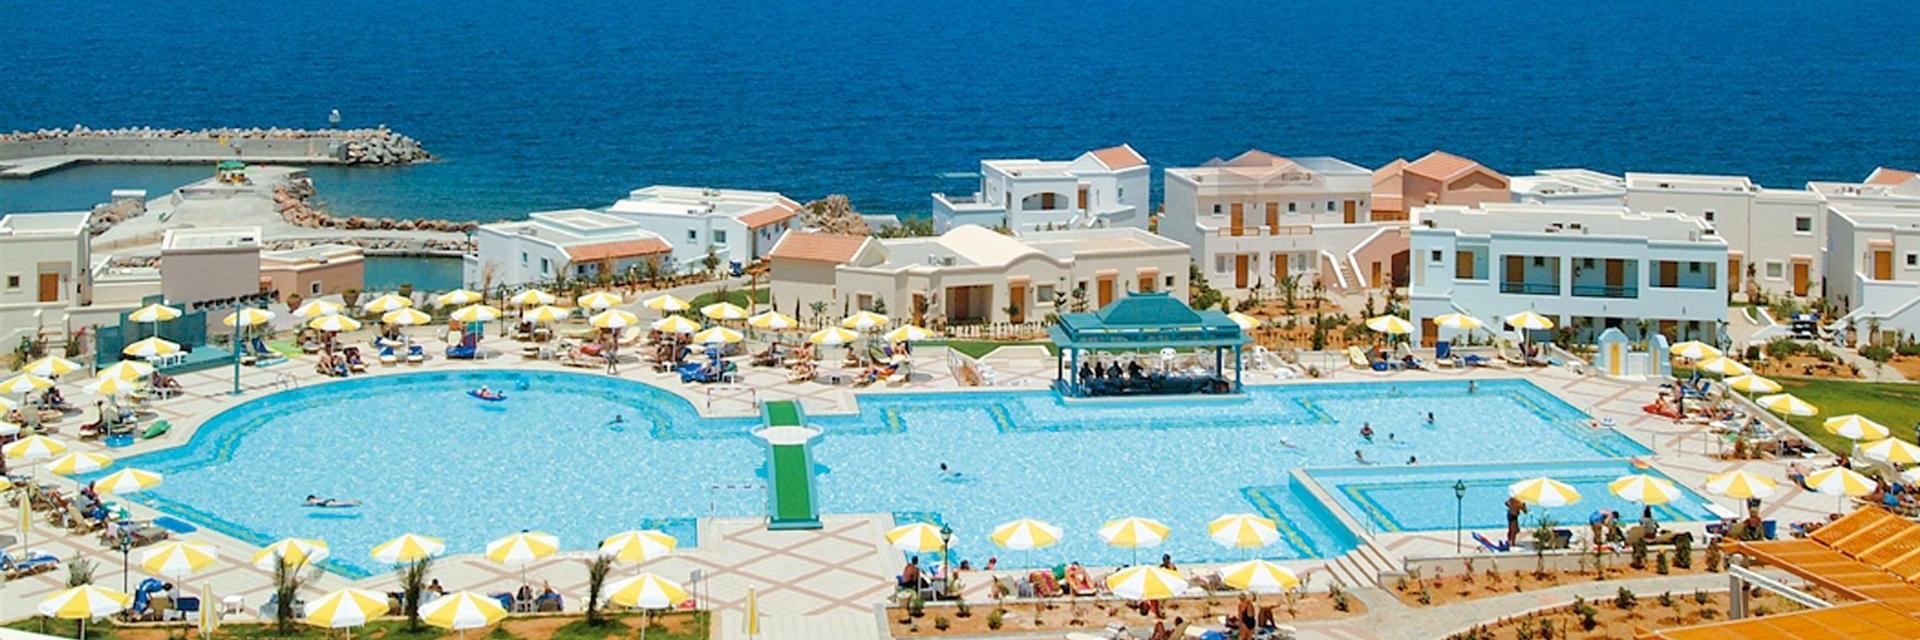 Oceania Cruises Travel Agent Rates